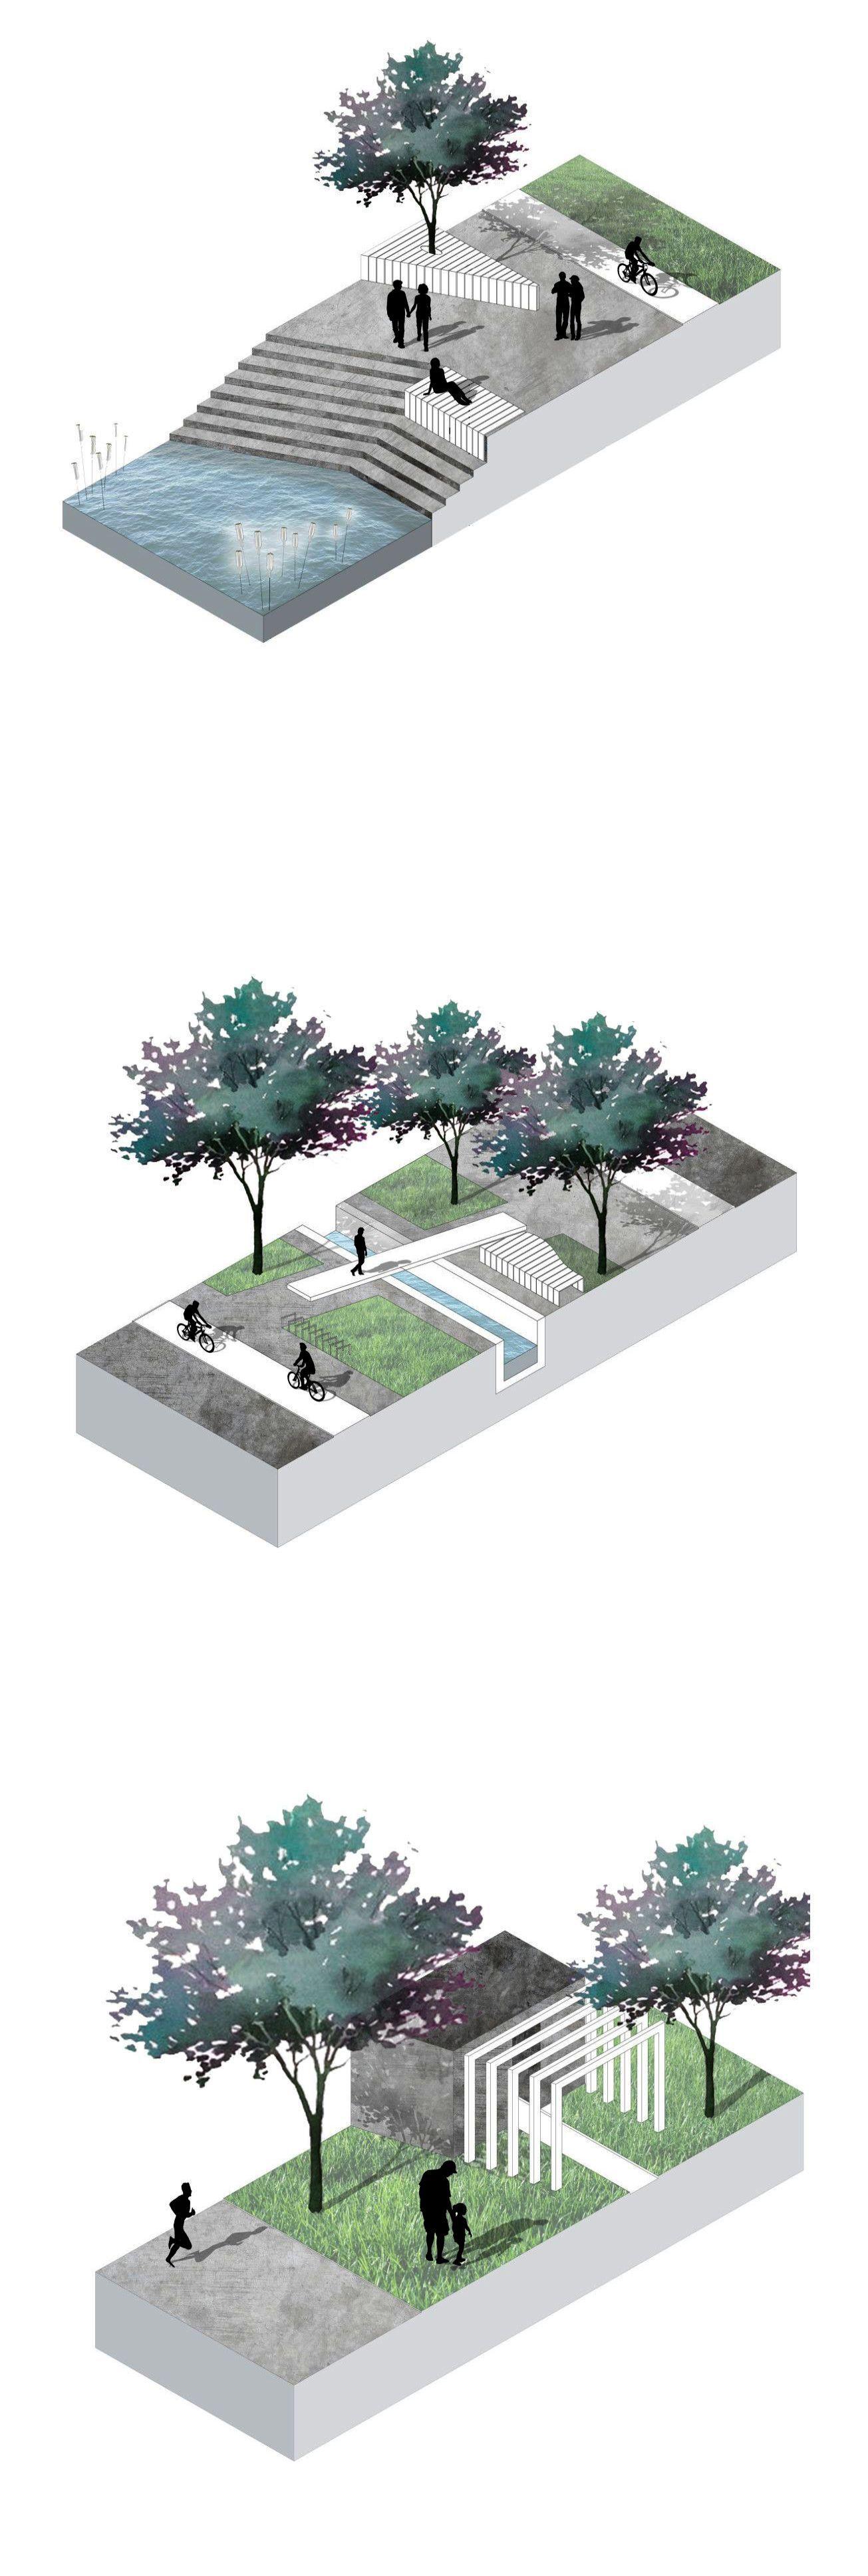 Landscape Gardening Birmingham Over Landscape Gardening Costs Per Hour Landscape Design Software Free Landscape Design Software Landscape Architecture Design